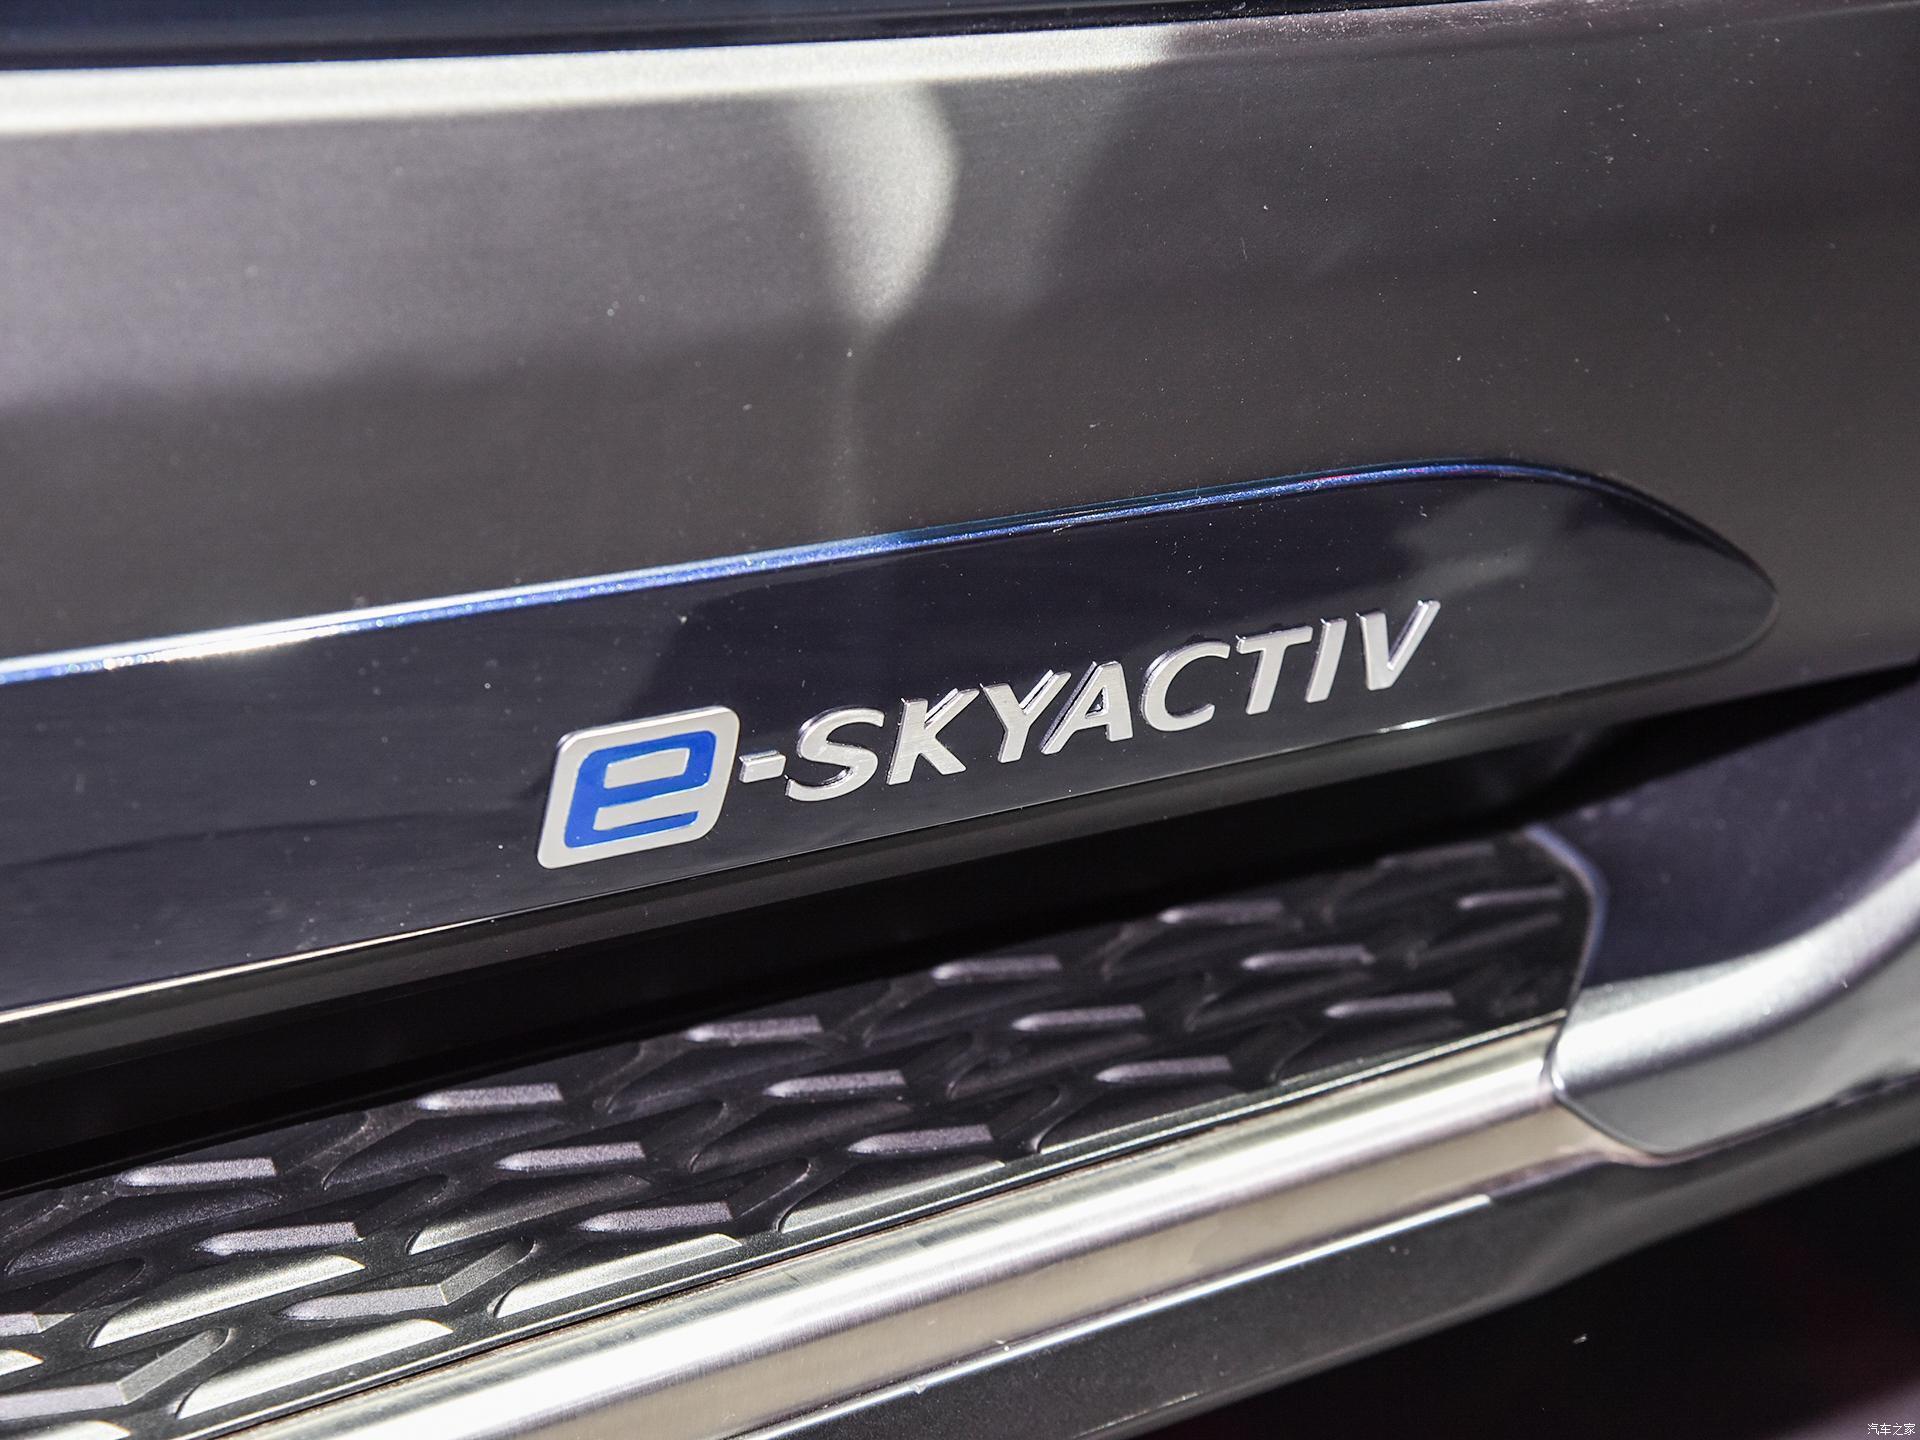 Автомобиль получил широкие боковые пороги и соответствующие эмблемы